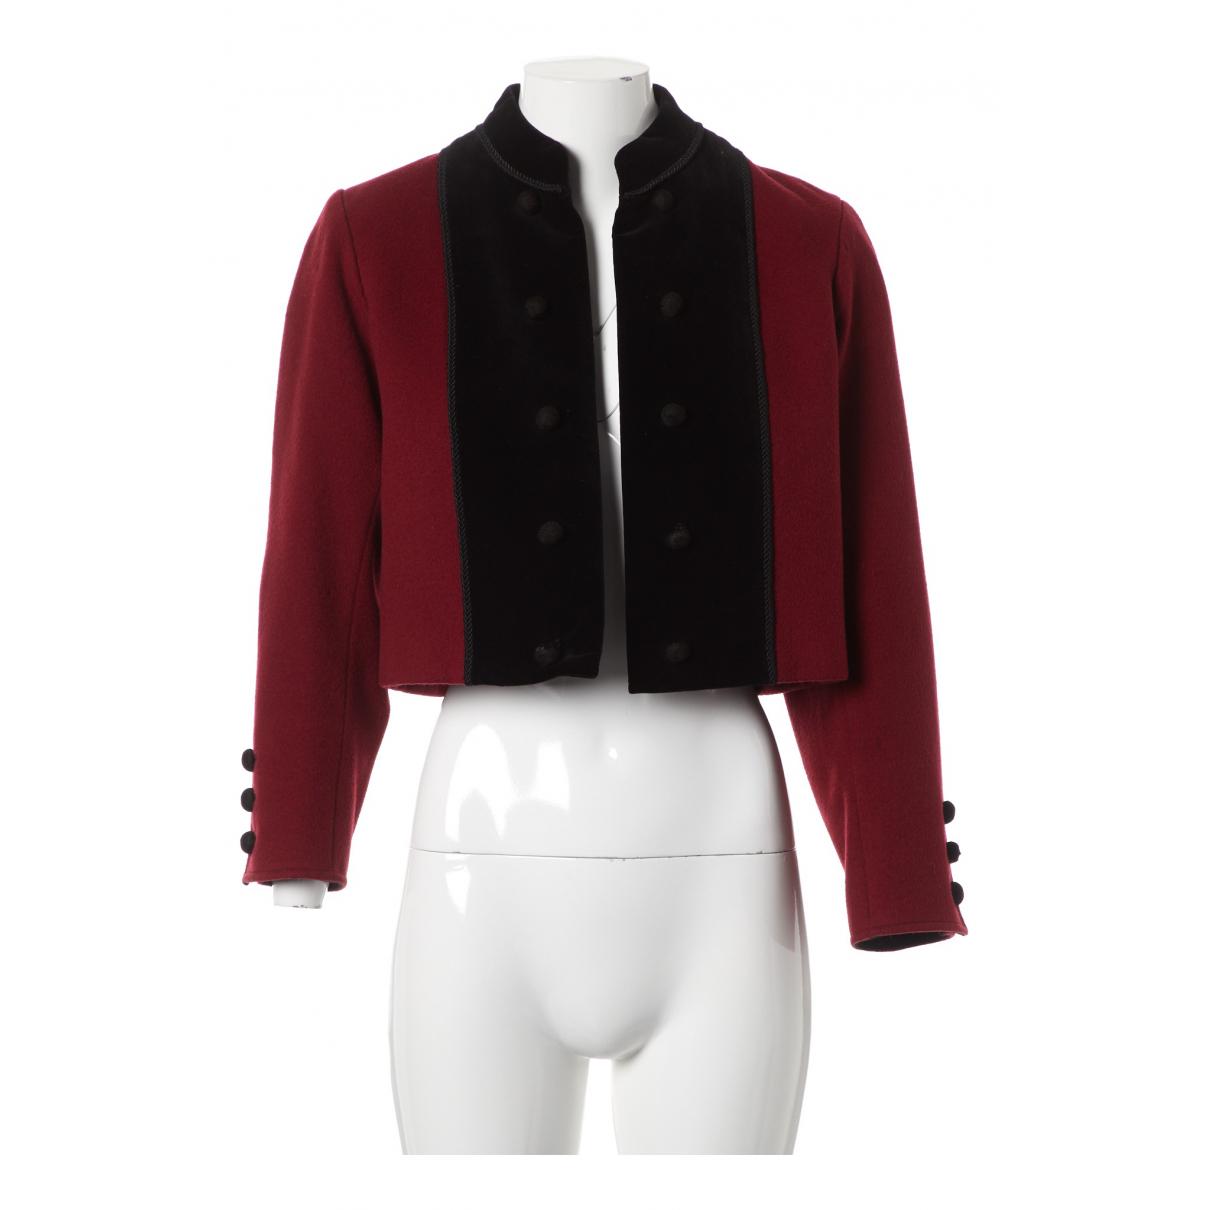 Saint Laurent - Vestes.Blousons   pour homme en laine - rouge